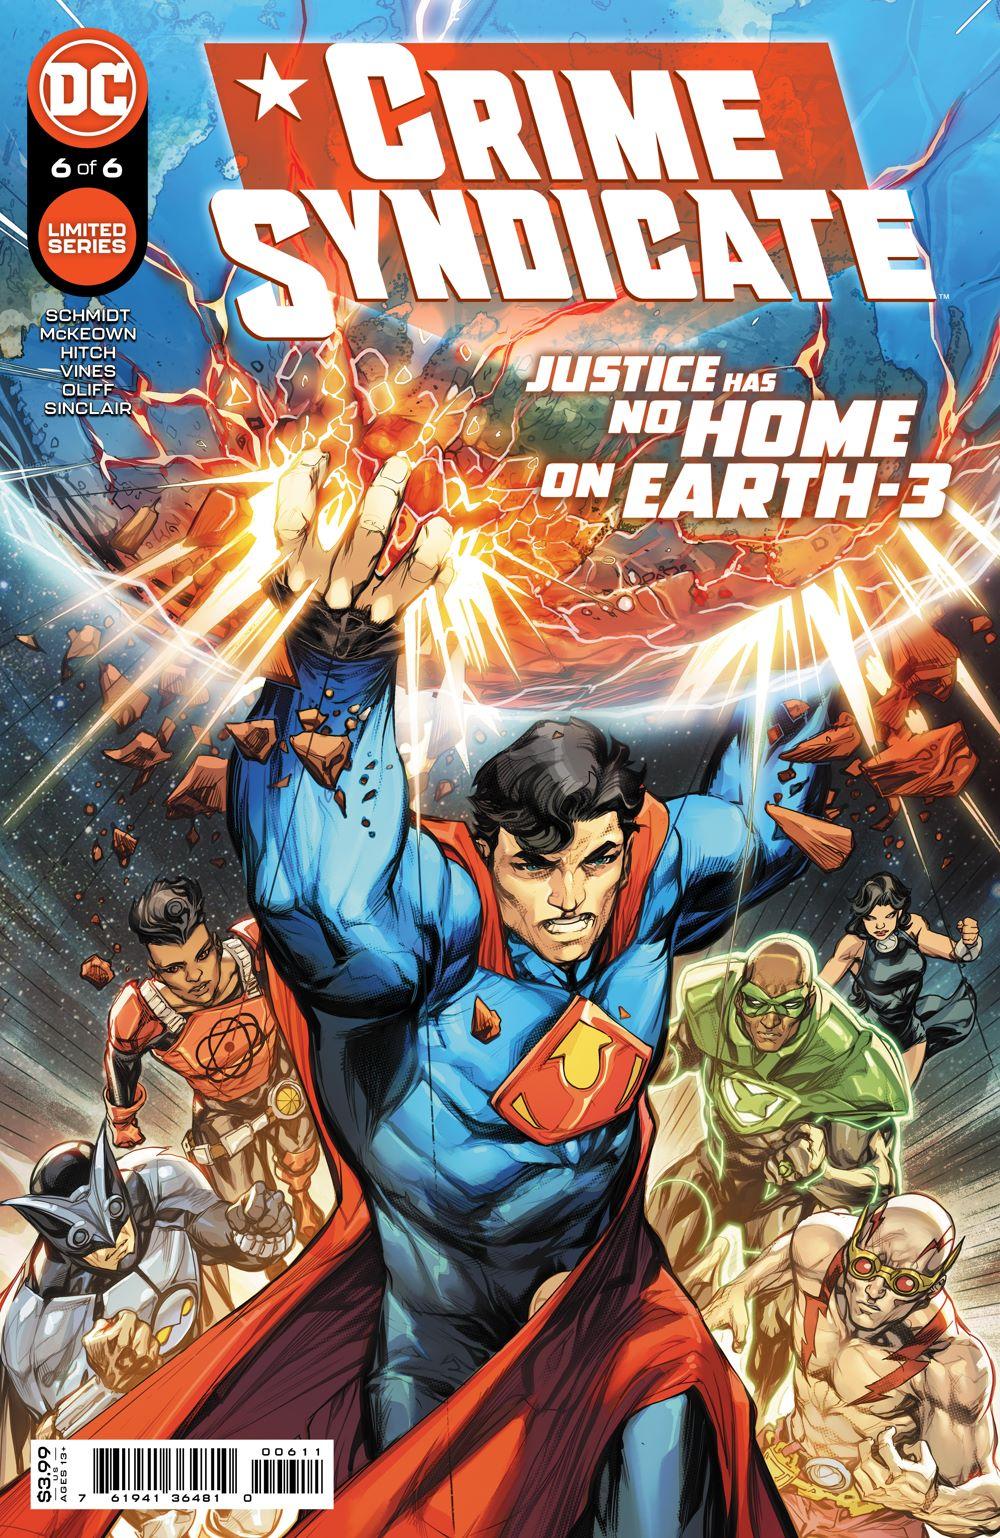 CS_Cv6 DC Comics August 2021 Solicitations